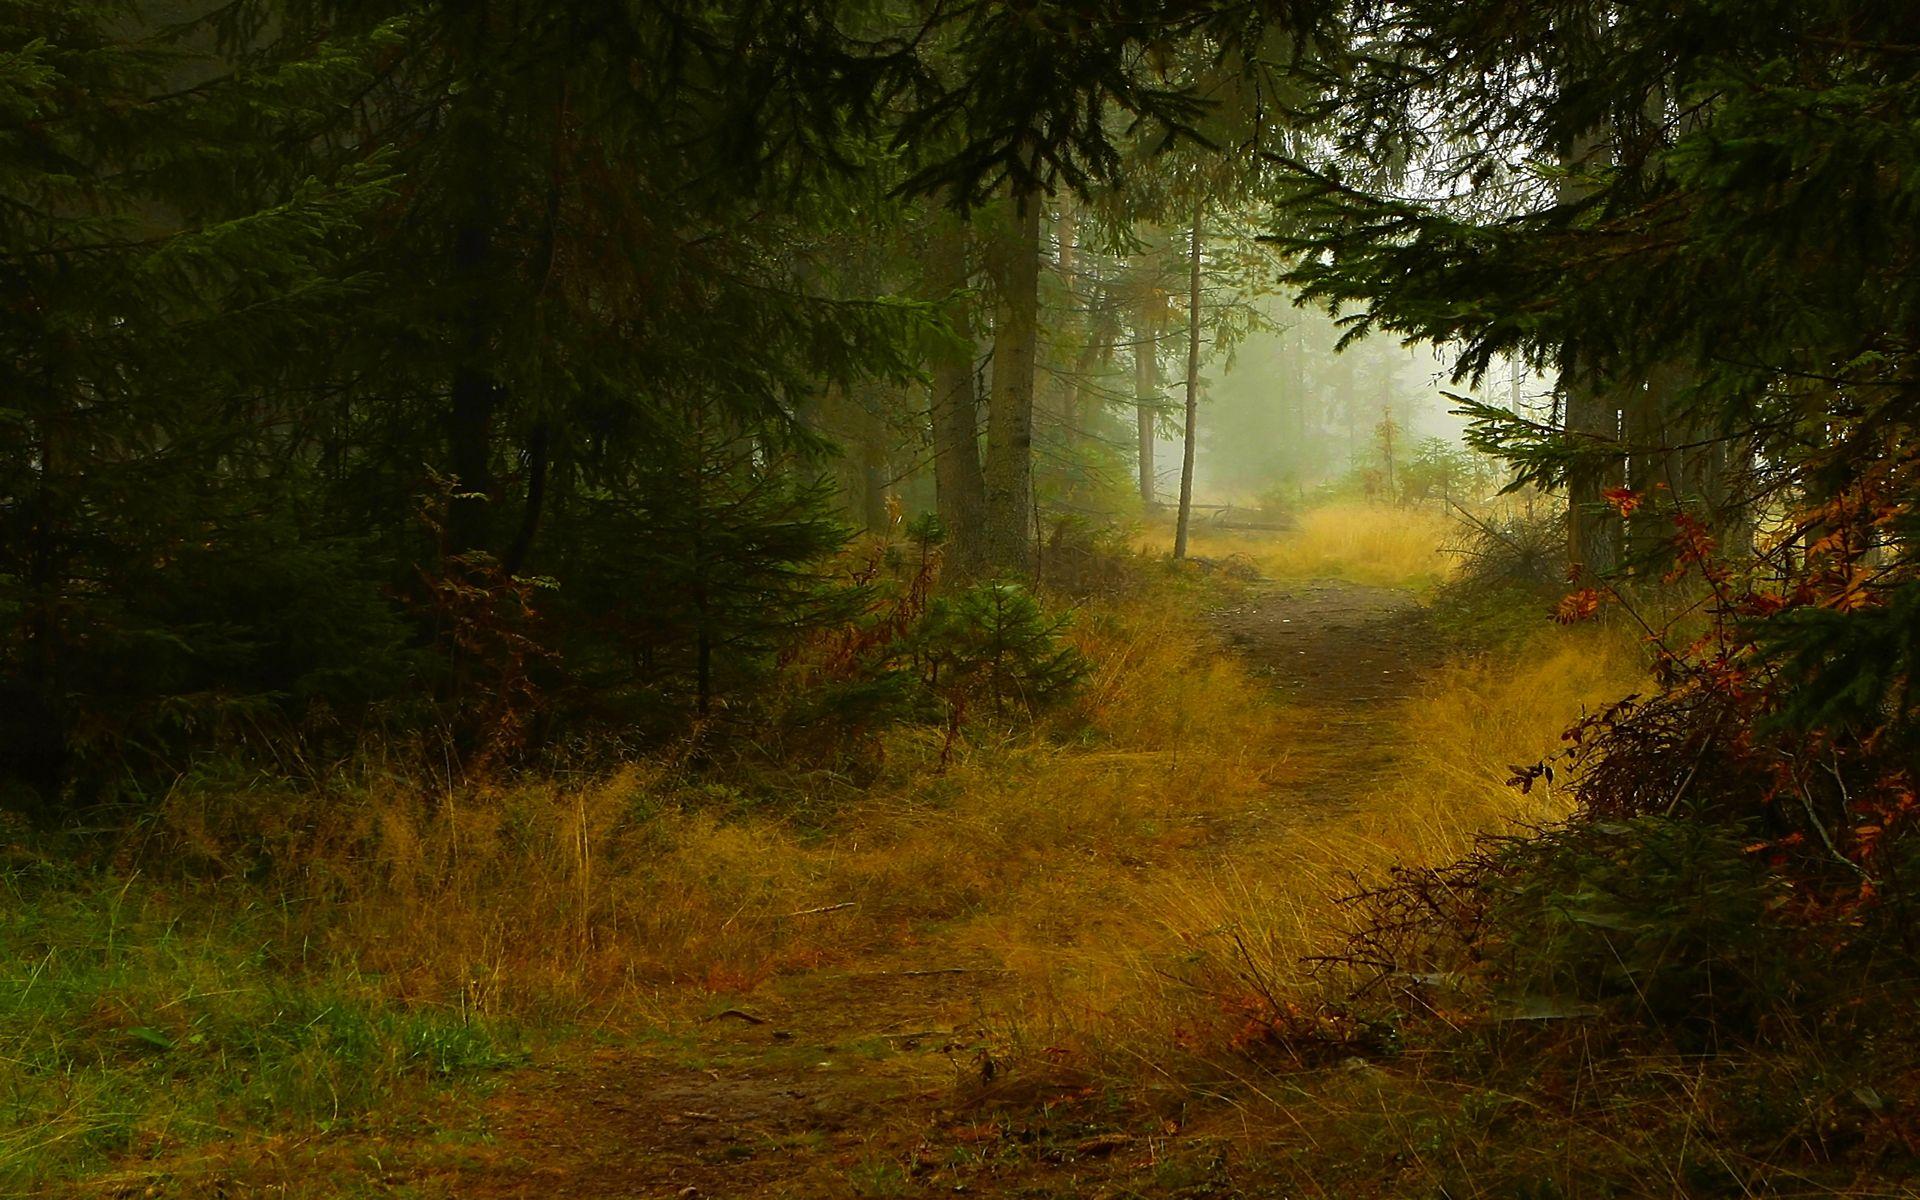 Dark Forest Trail wallpaper free